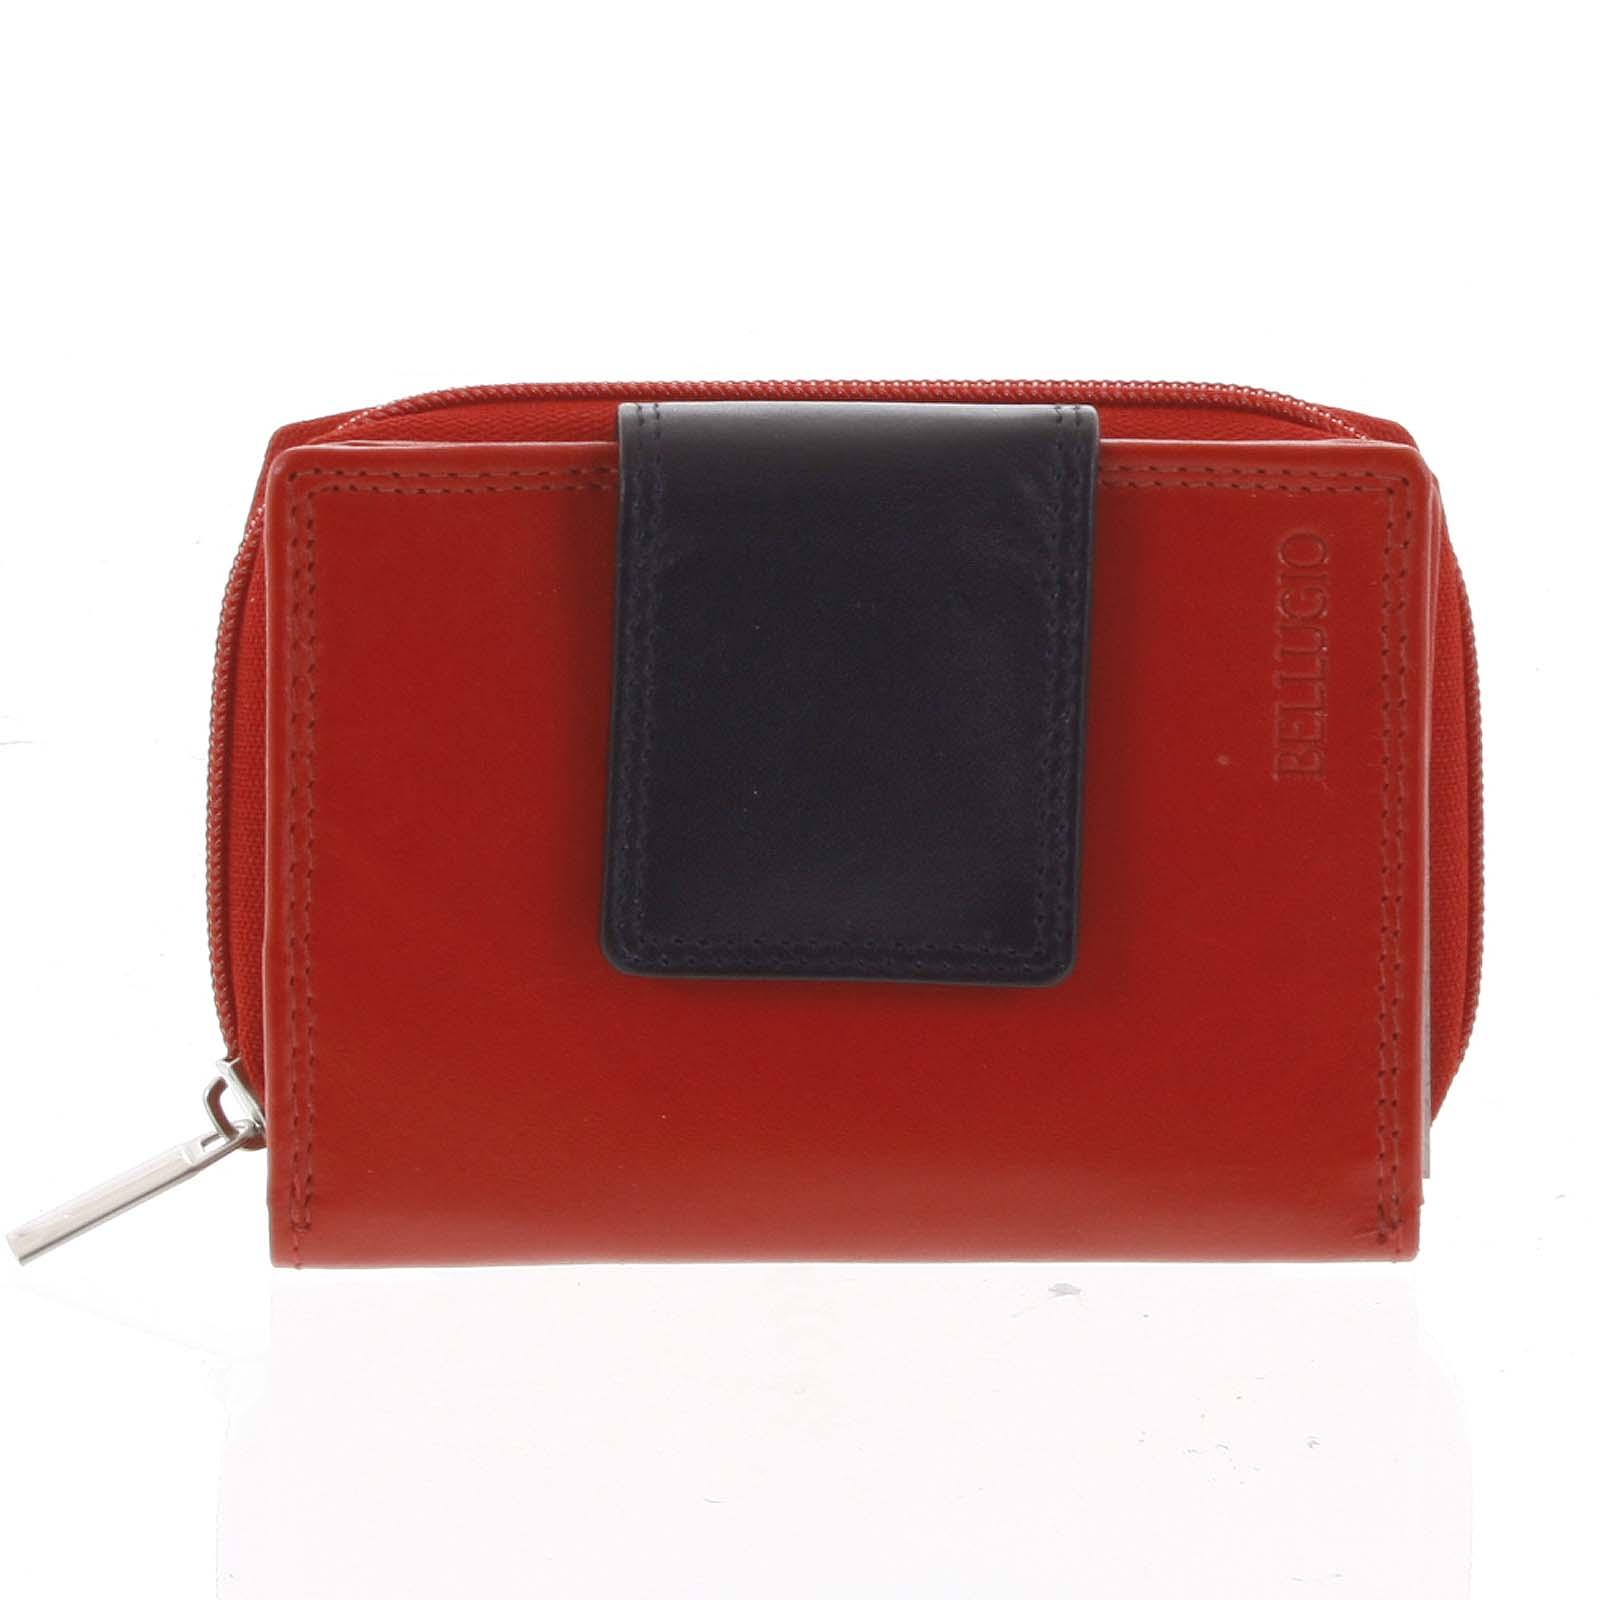 Dámská kožená peněženka červená - Bellugio Eliela